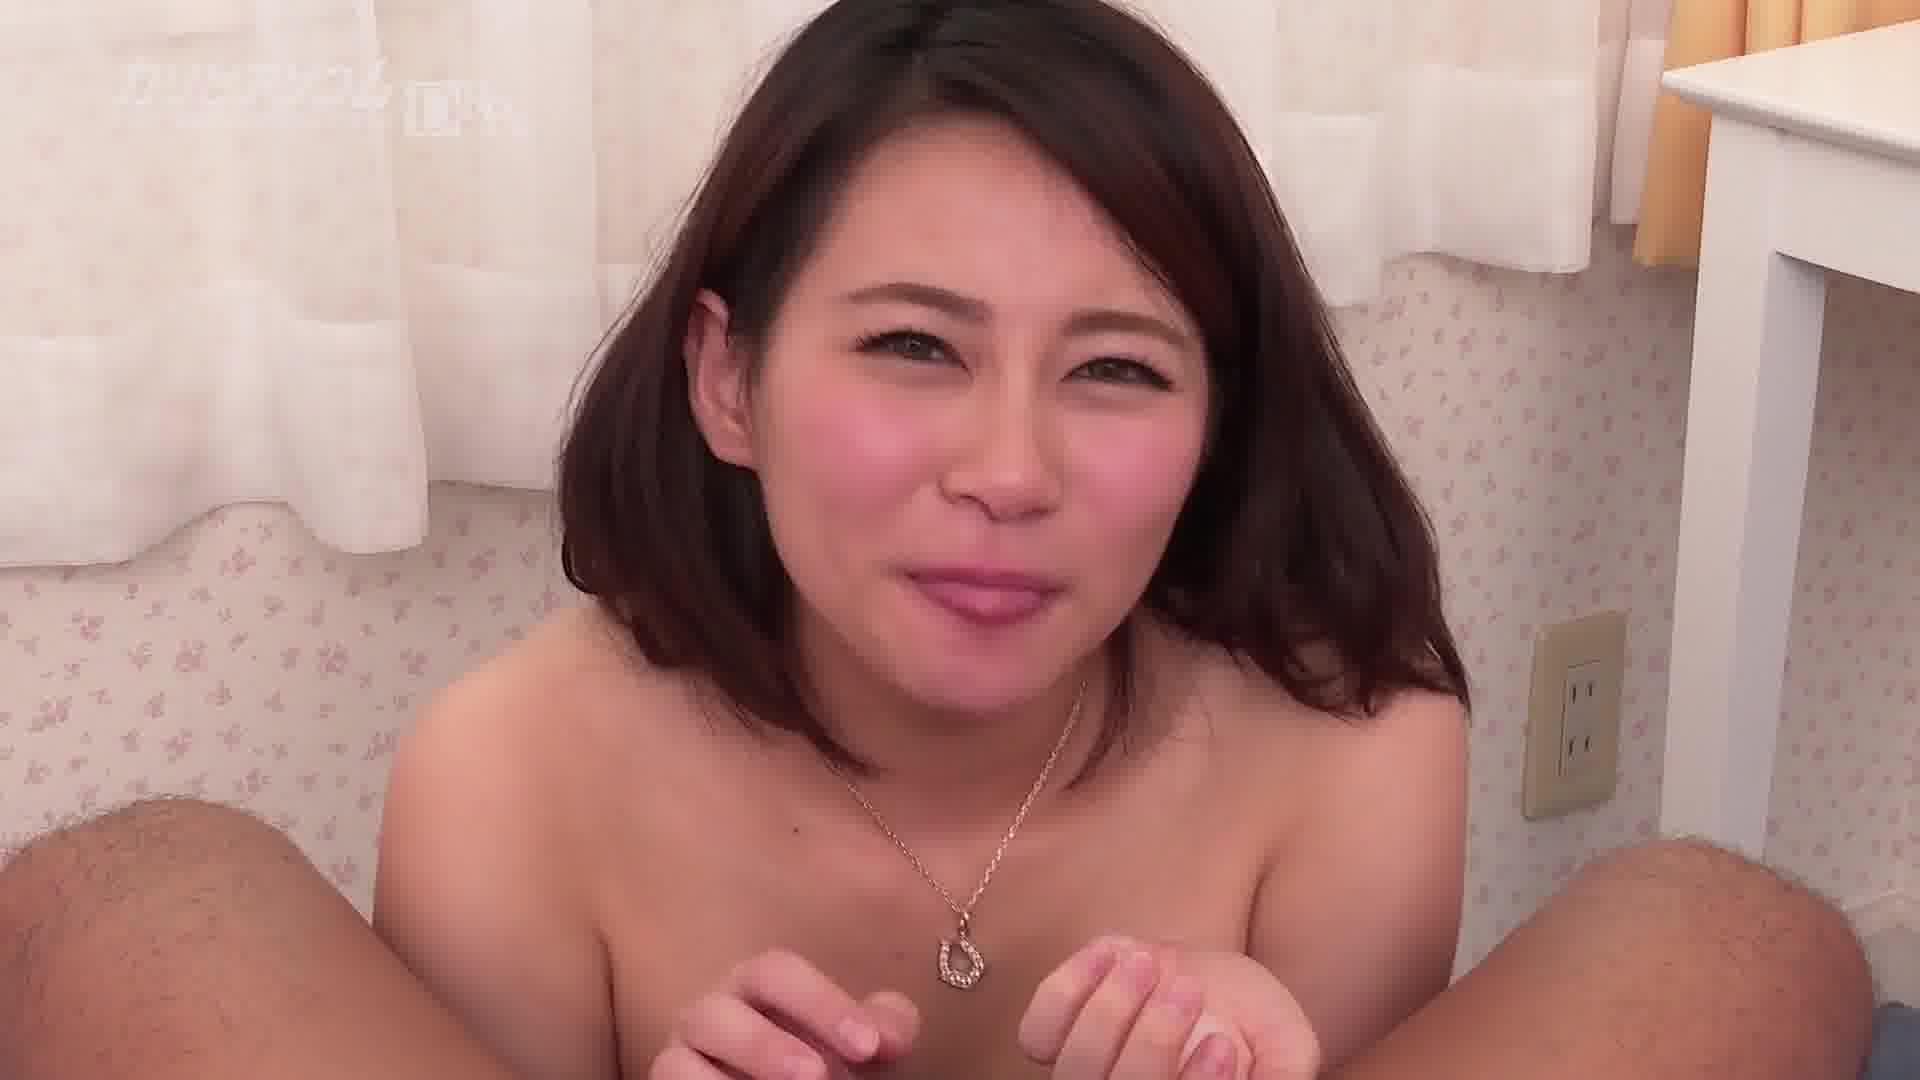 THE 未公開 ~綺麗に舐め回す元芸能人~ - 越川アメリ【パイズリ・手コキ・美尻】